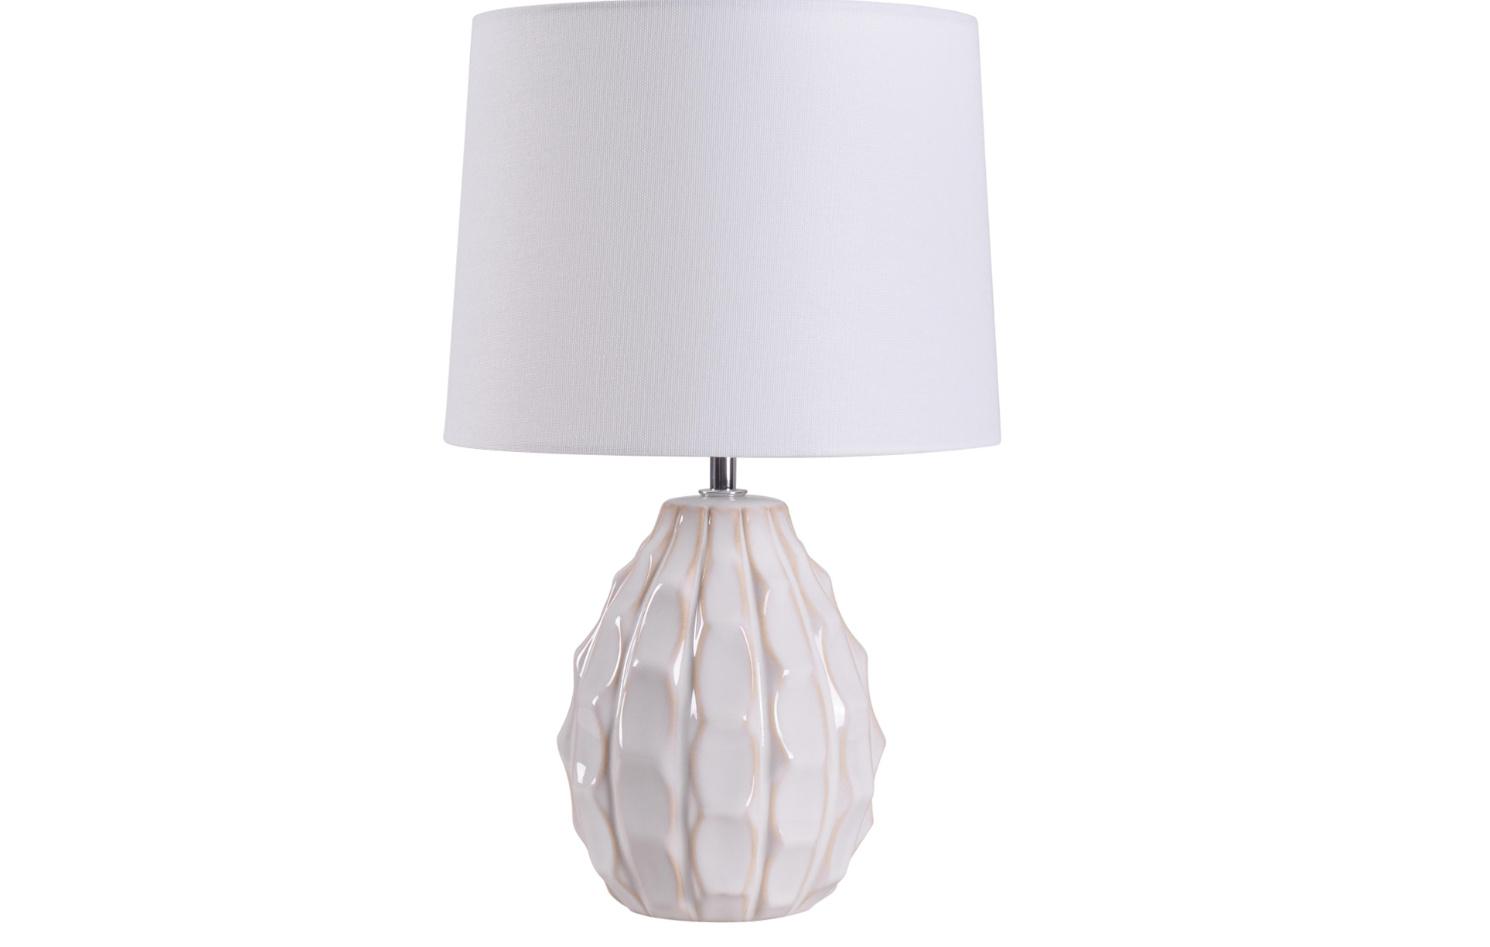 Mainstays Cream Sculptured Base Ceramic Table Lamp